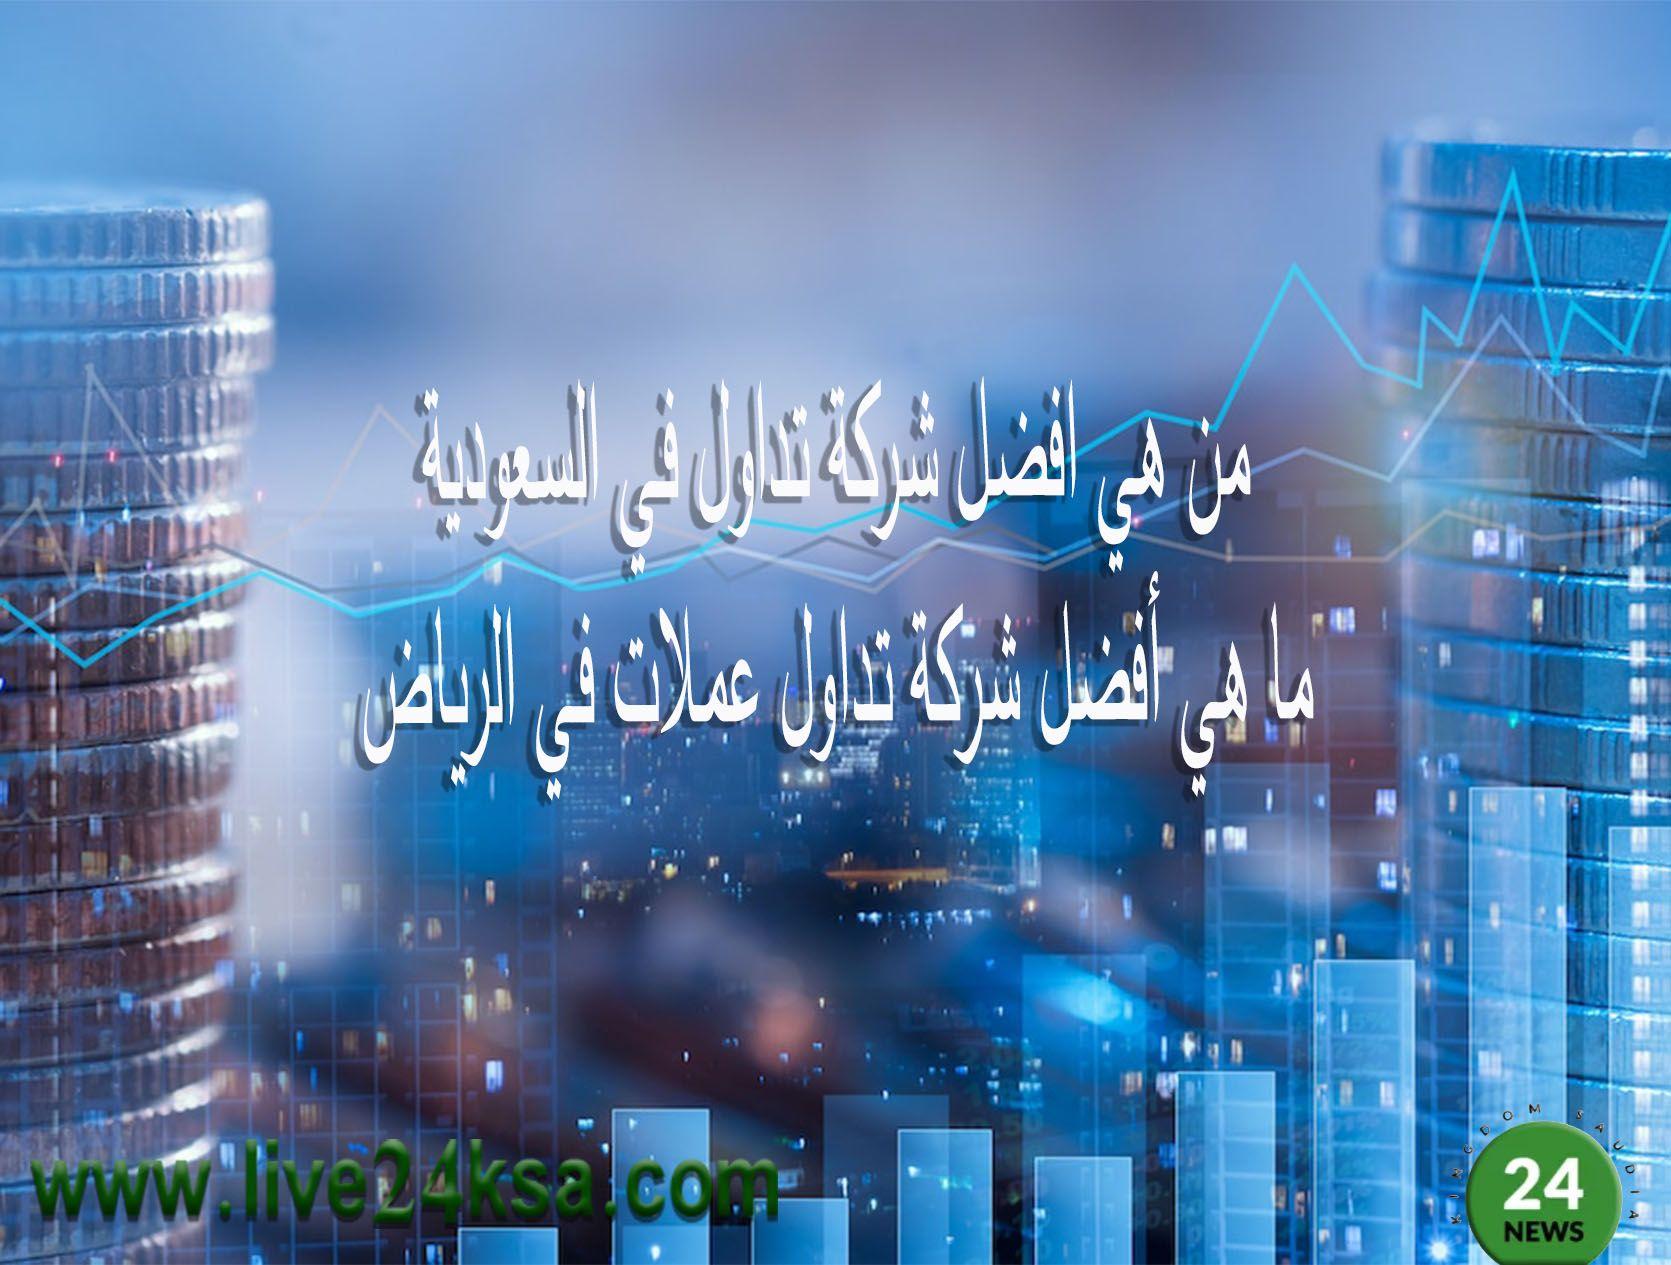 من هي افضل شركة تداول في السعودية ما هي أفضل شركة تداول عملات في الرياض In 2020 Neon Signs Neon Blog Posts